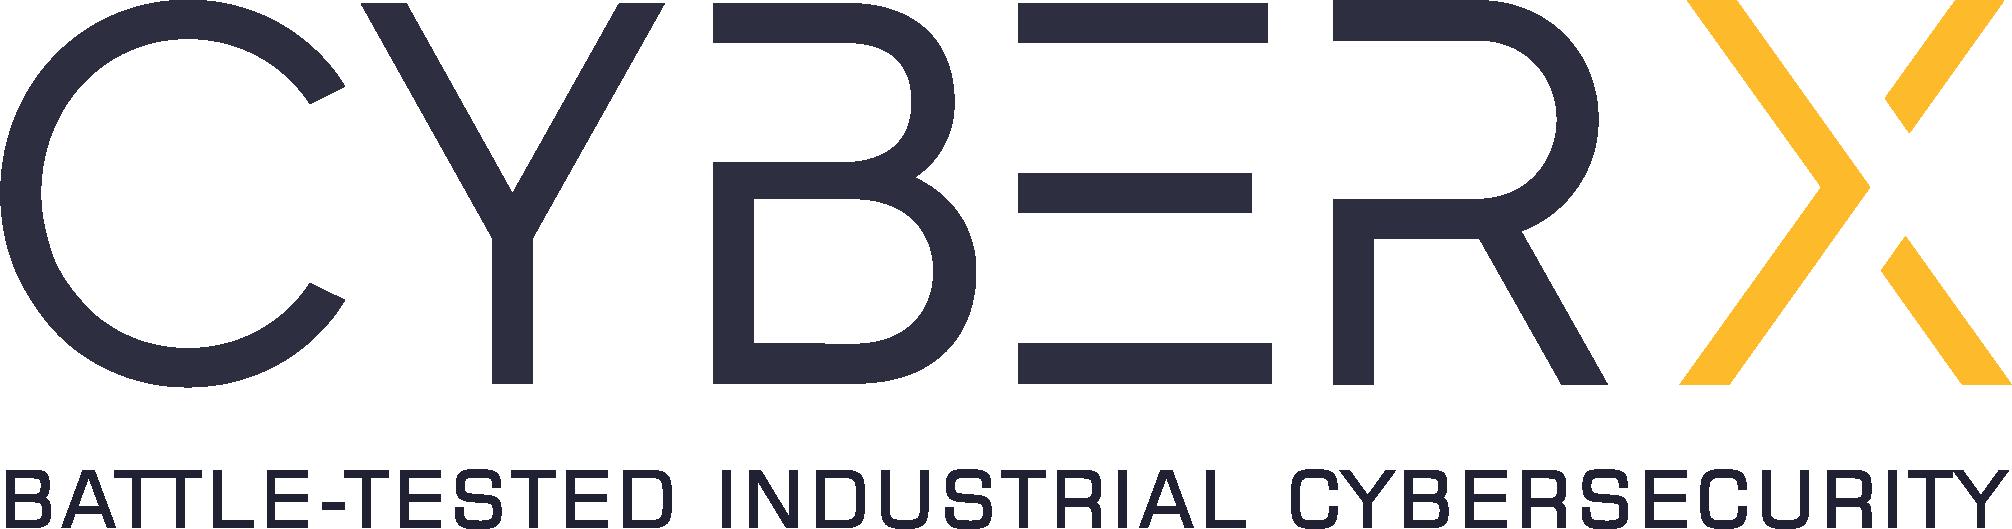 CYBX_Logo-Tag-Stacked_PY